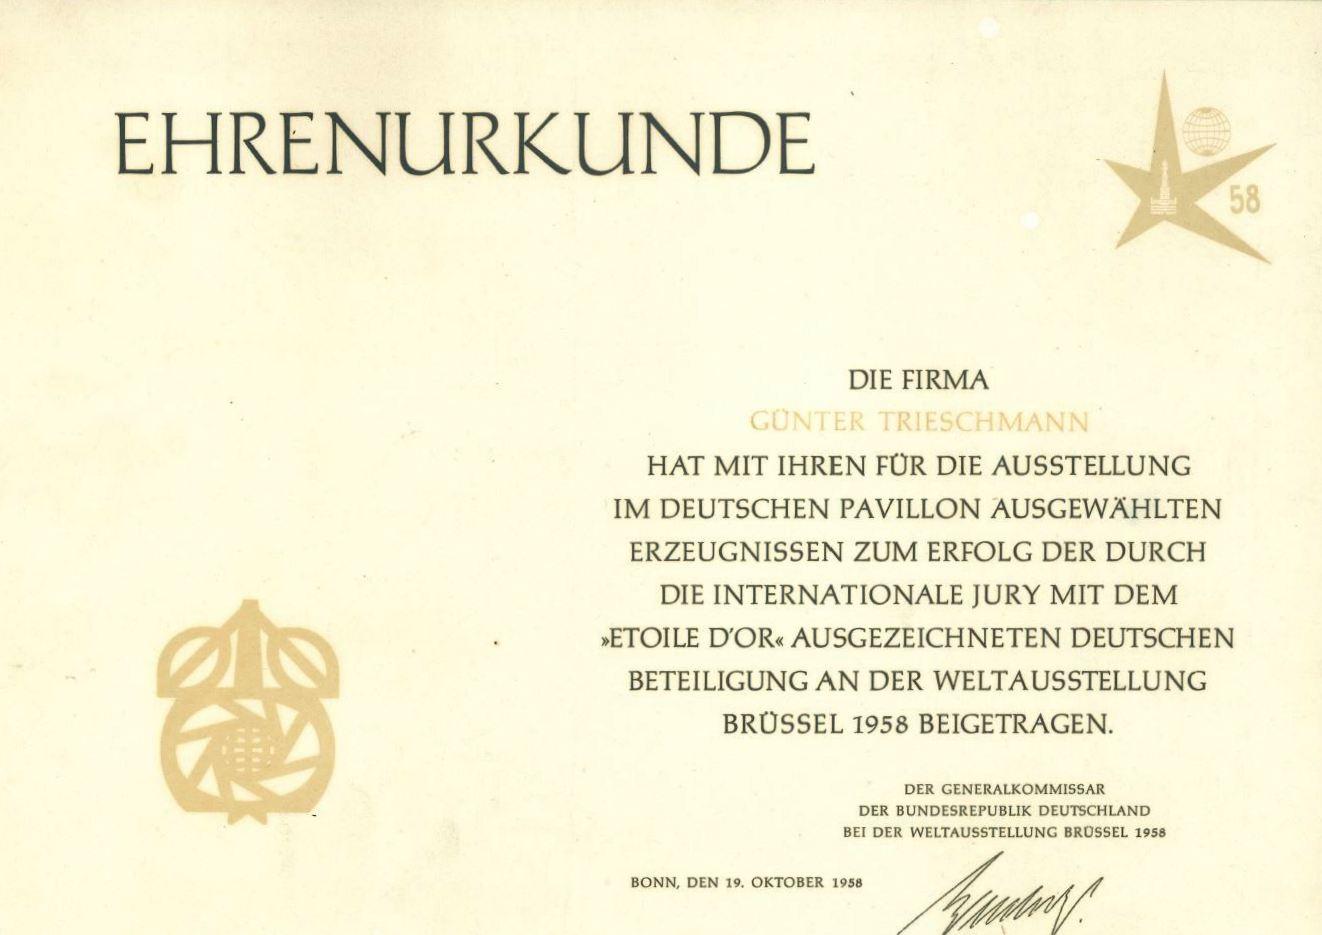 Firmengeschichte Ehrenurkunde Weltausstellung Firmengeschichte